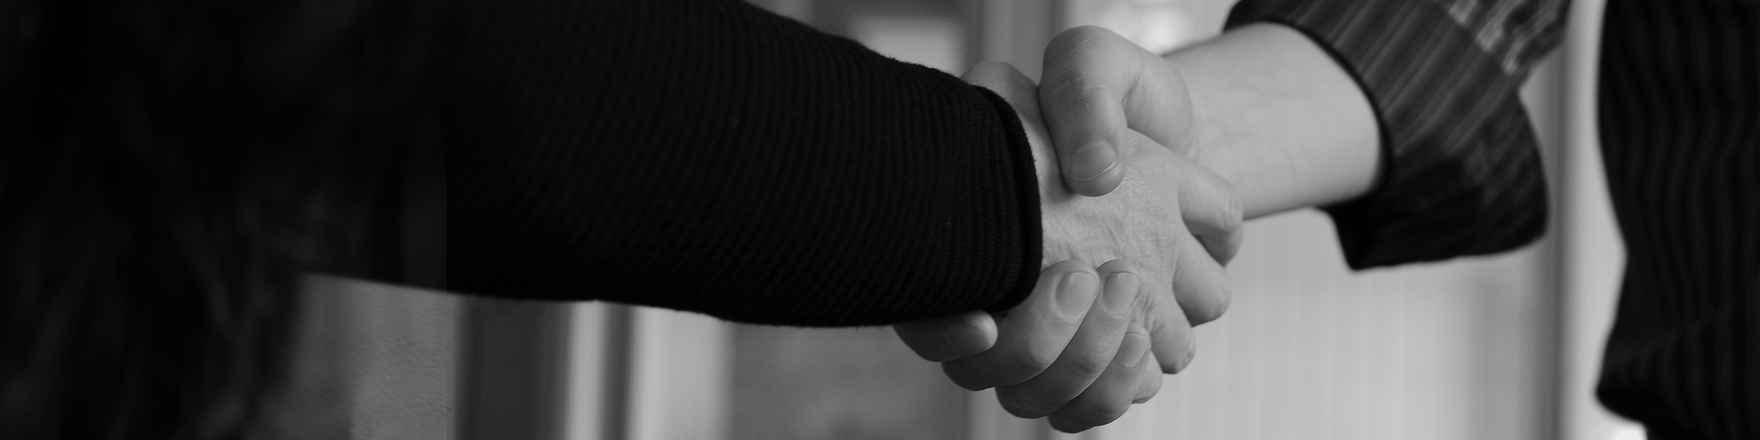 Handshake_2880.jpg